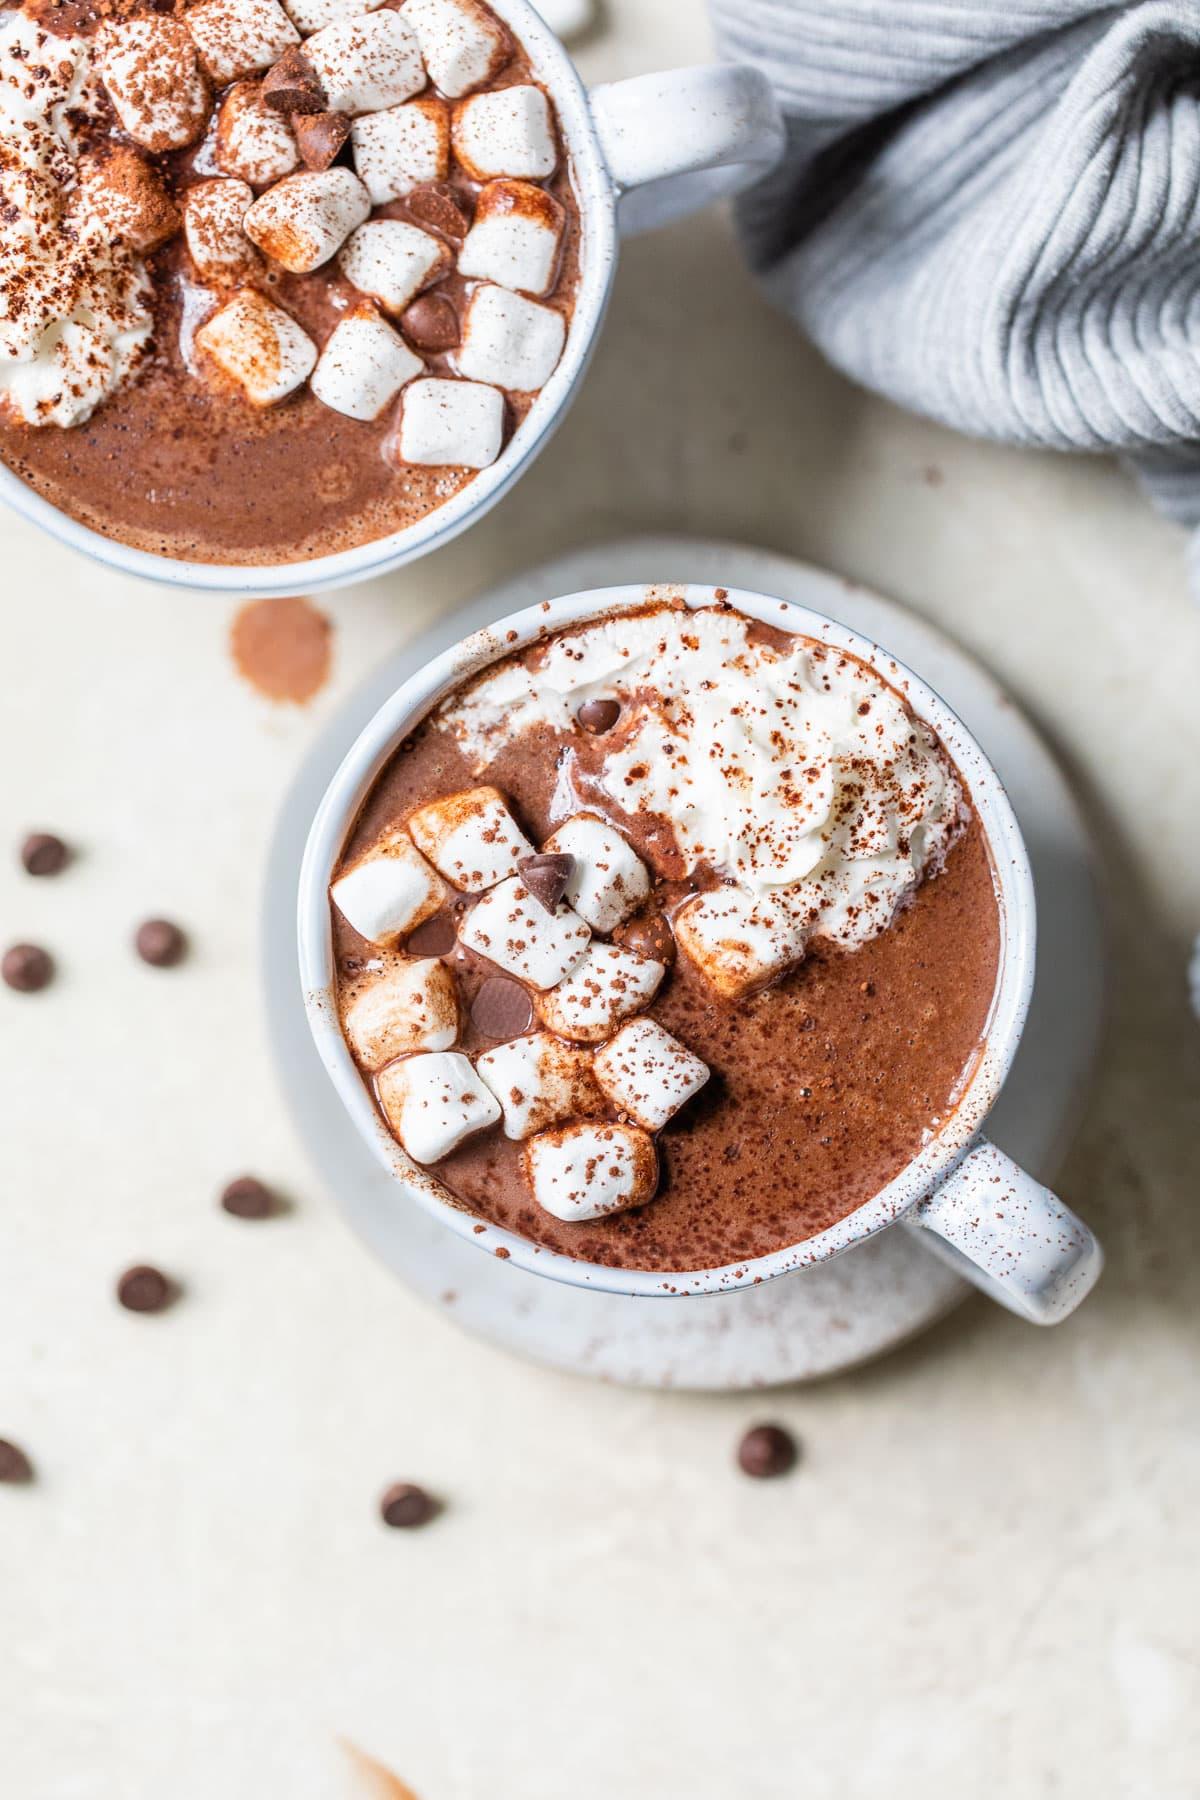 Two mugs of crockpot hot chocolate